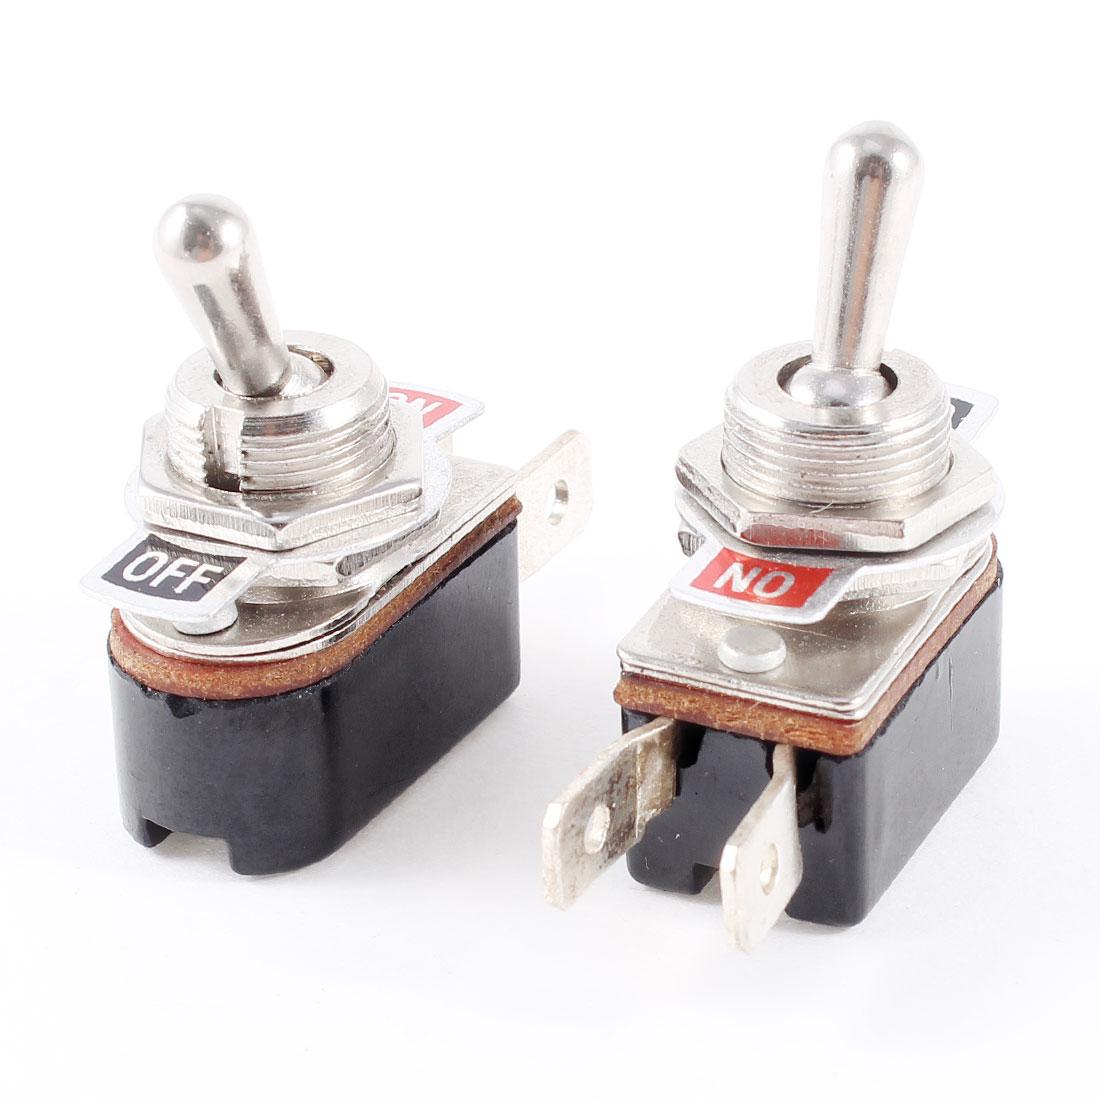 AC 6A/125V 3A/250V 2 Terminal SPST ON-OFF 2 Position Toggle Switch 2 Pcs